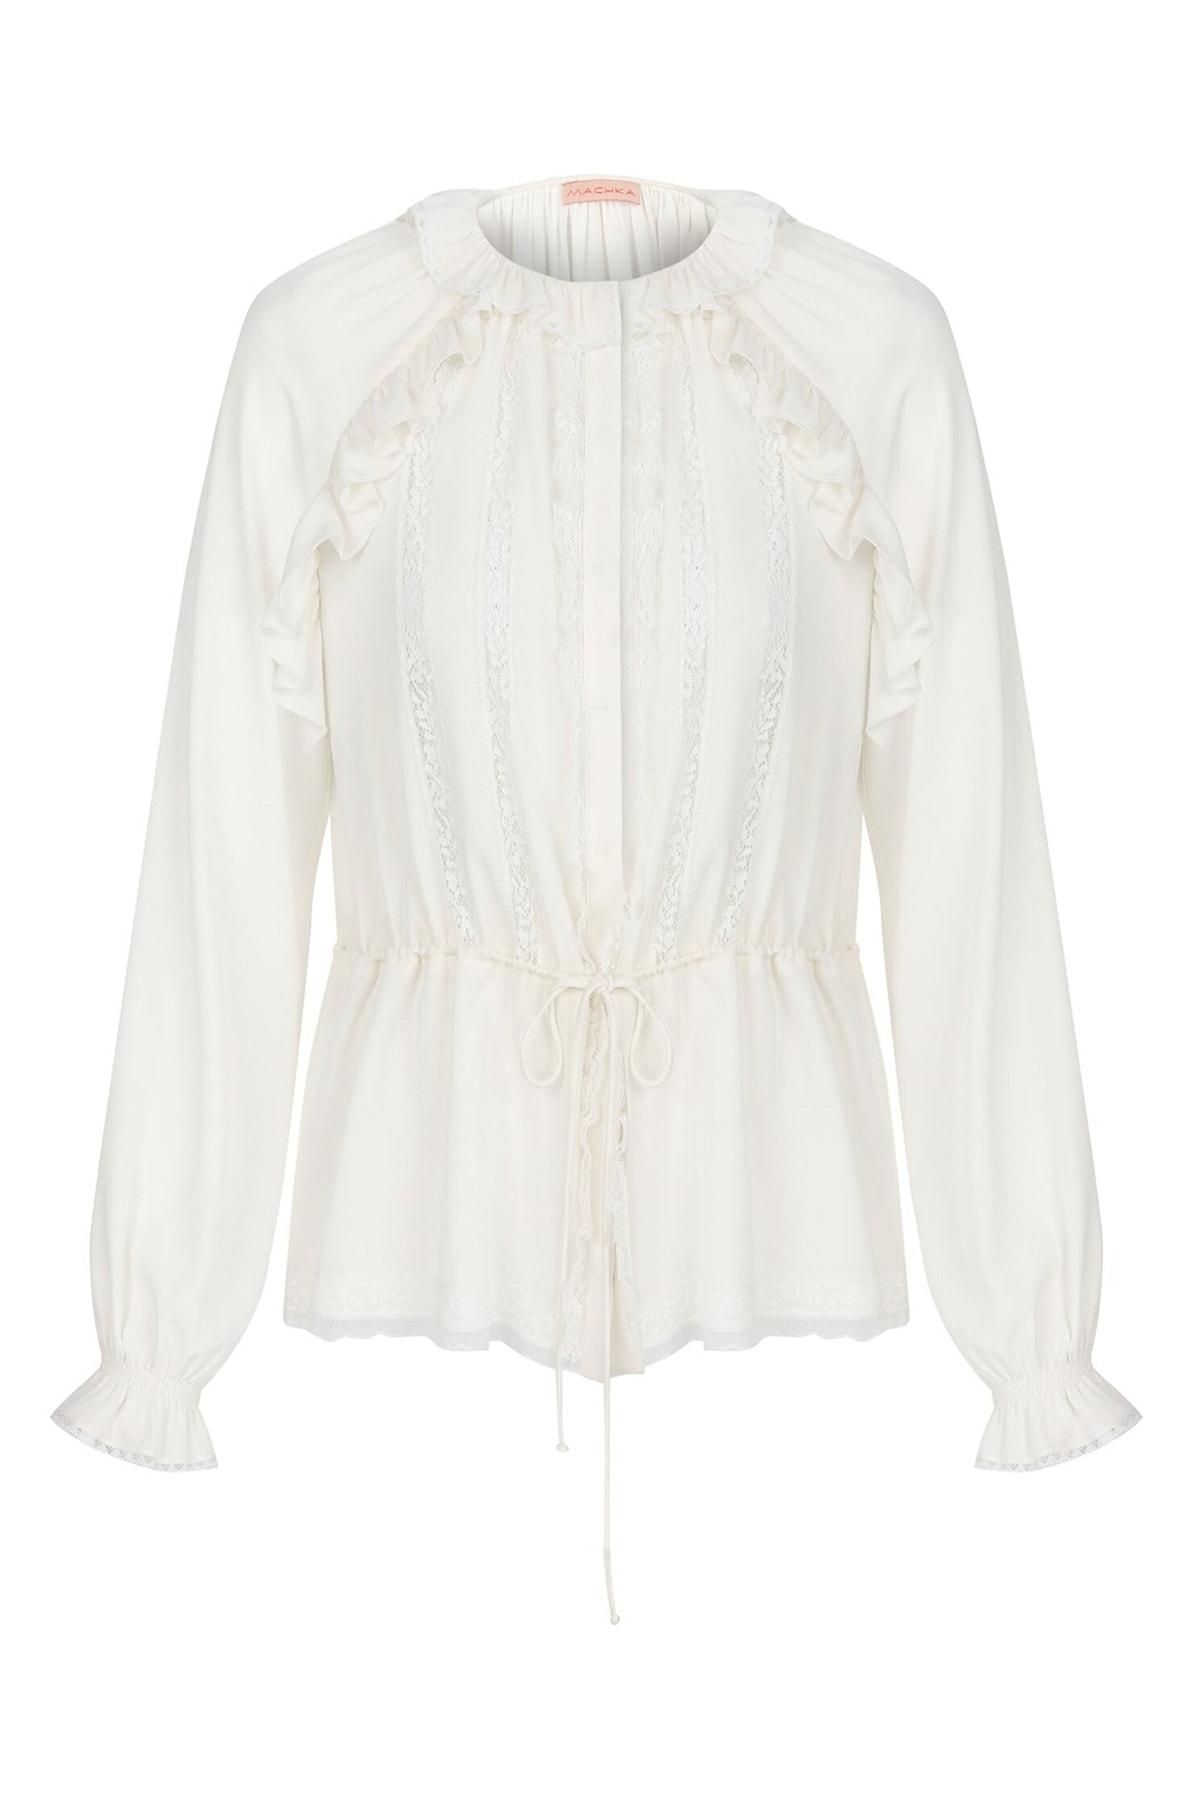 Machka Kadın Beyaz Dantel Ve Fırfır Detaylı İpek Bluz MS1200006023096